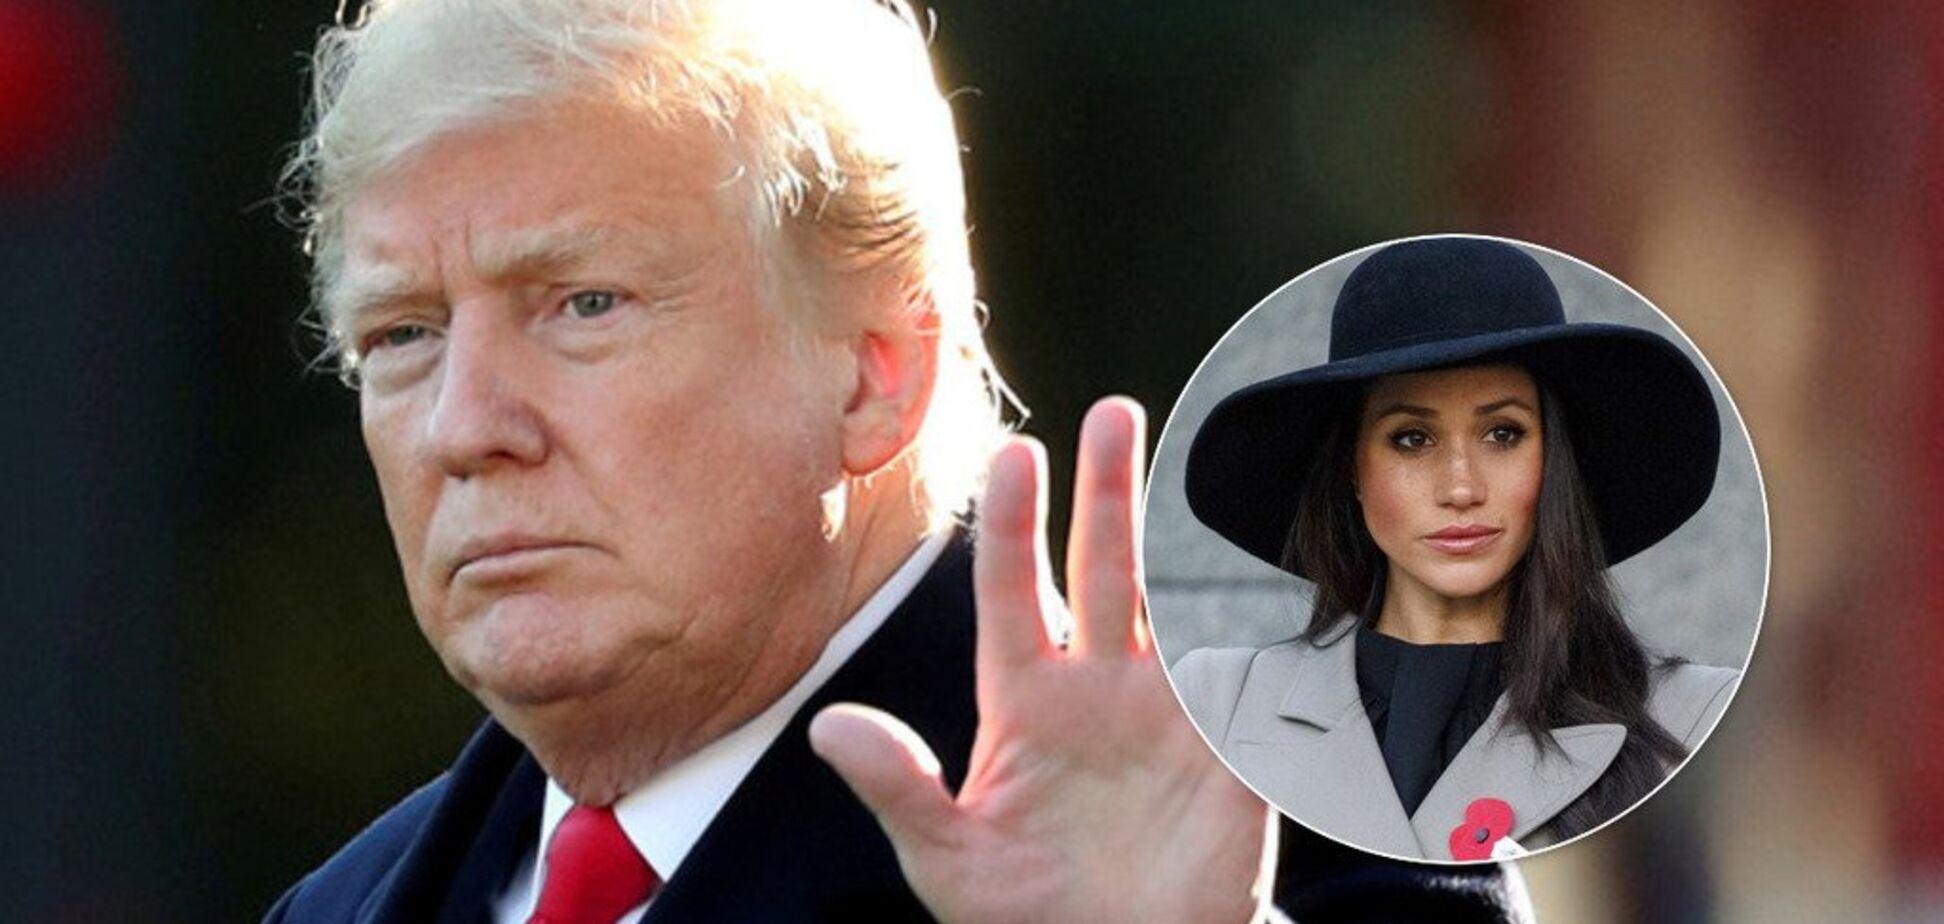 Без 'злобной' Маркл: в сети появились фото Трампа с королевой и семьей